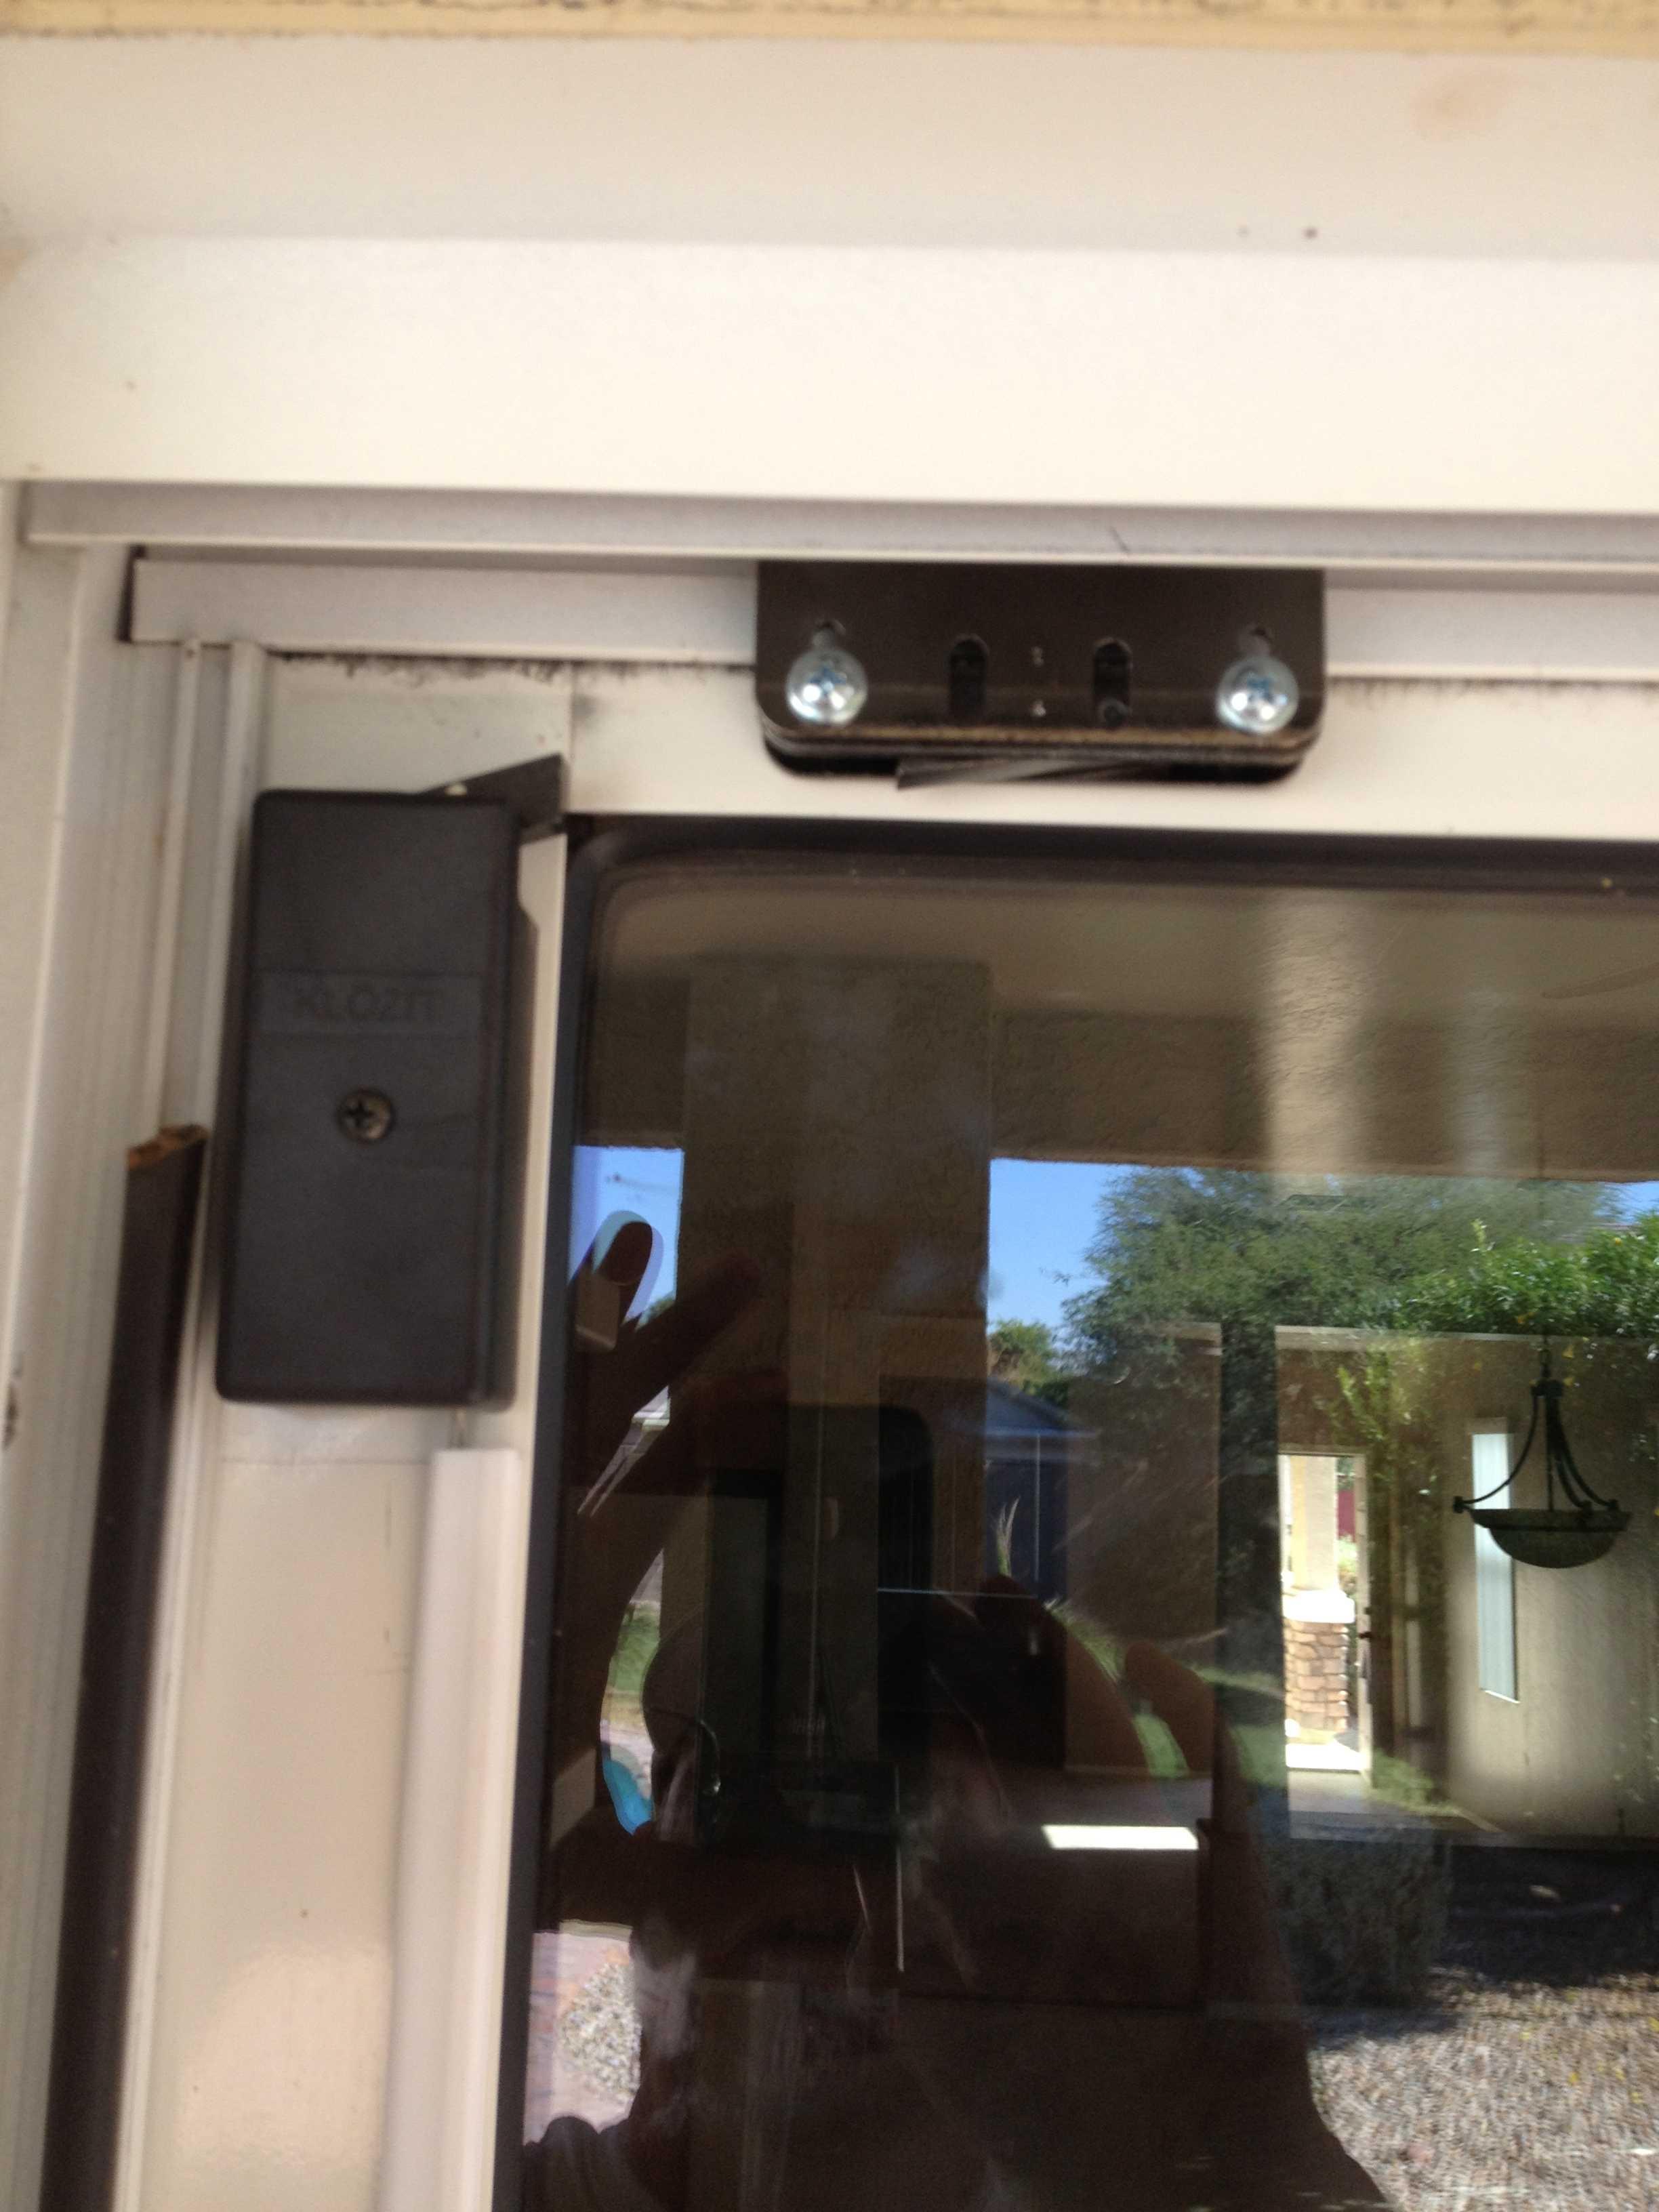 Sliding Glass Door Pool Safetyklozit sliding glass door latch system